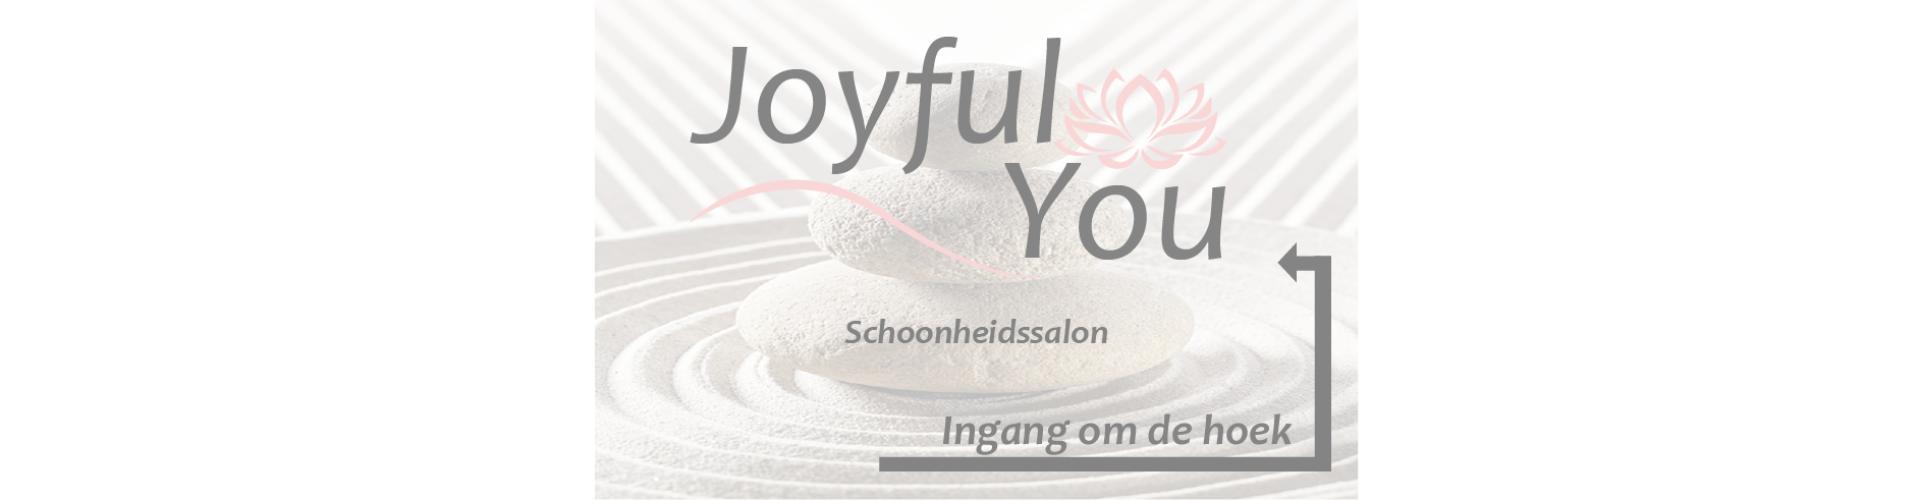 Schoonheidssalon Joyful You